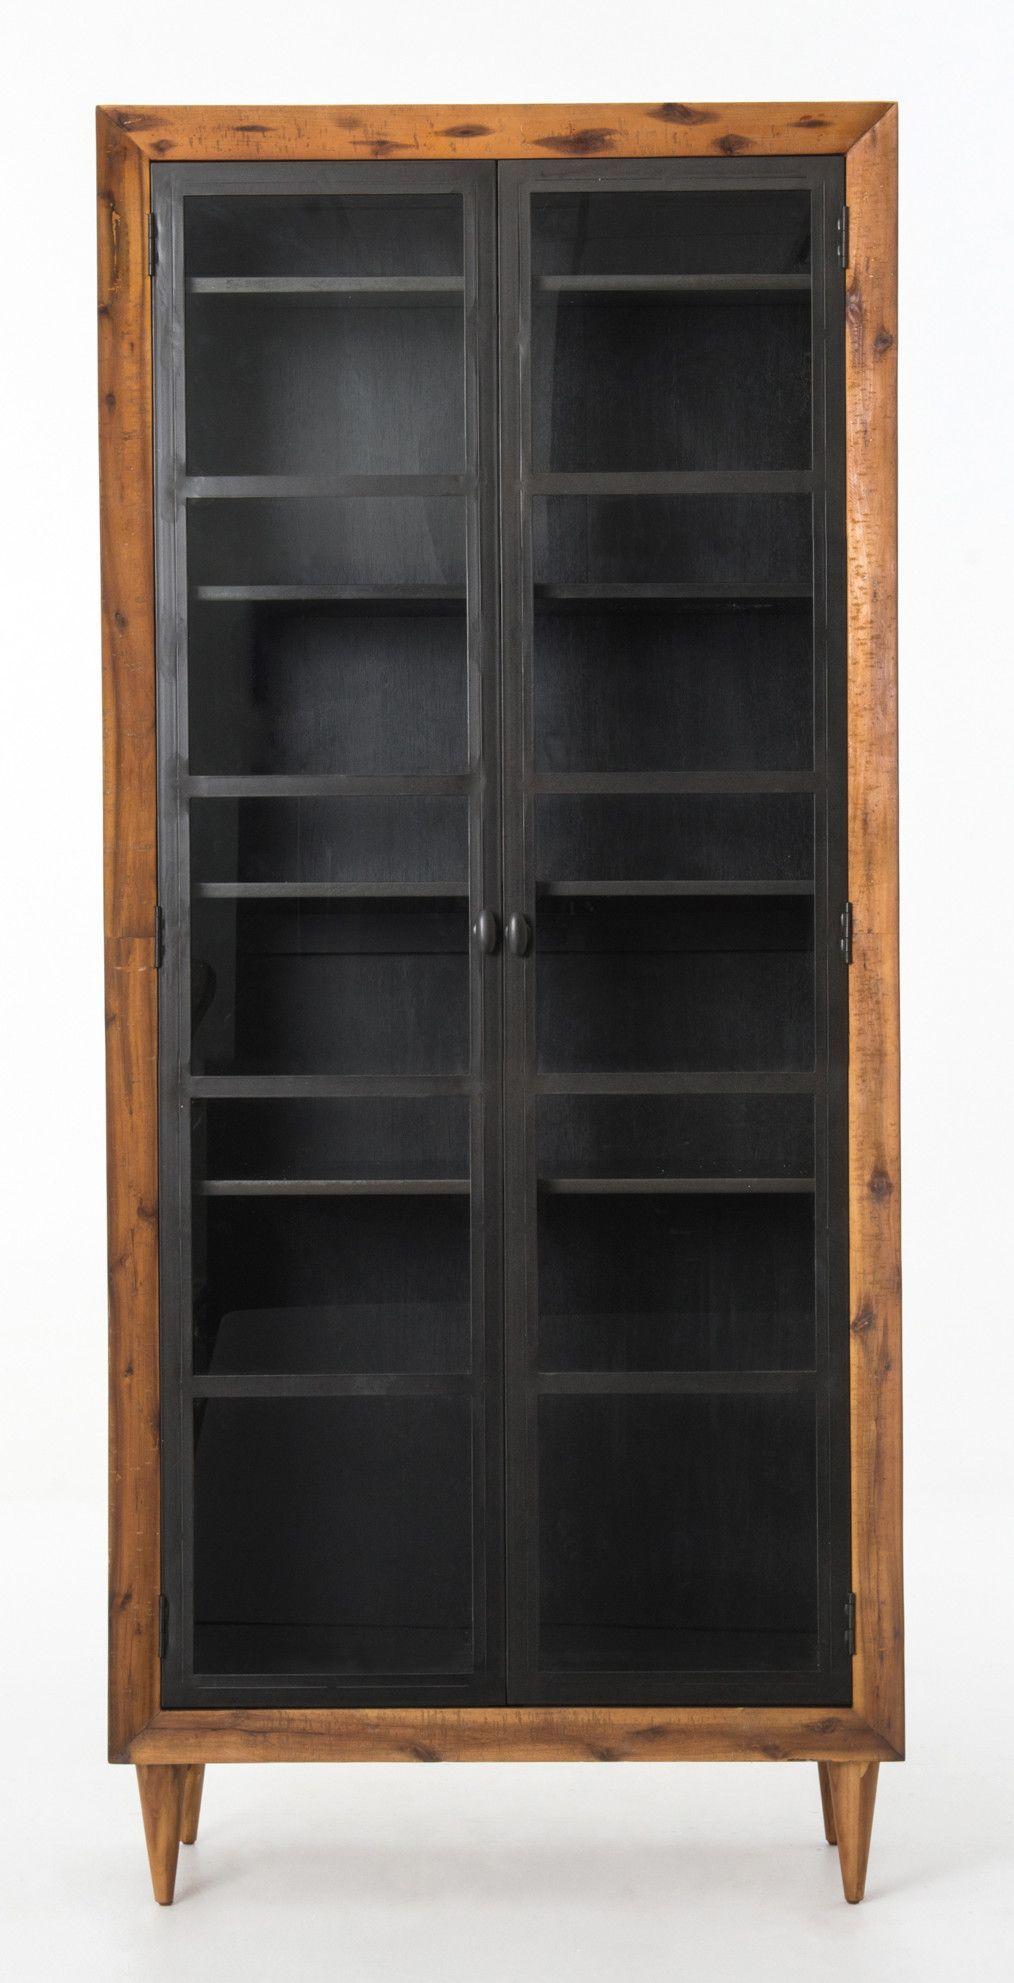 dcor design jameson cabinet family roomscabinetsfurniture. dcor design jameson cabinet  ideas for new flat  pinterest